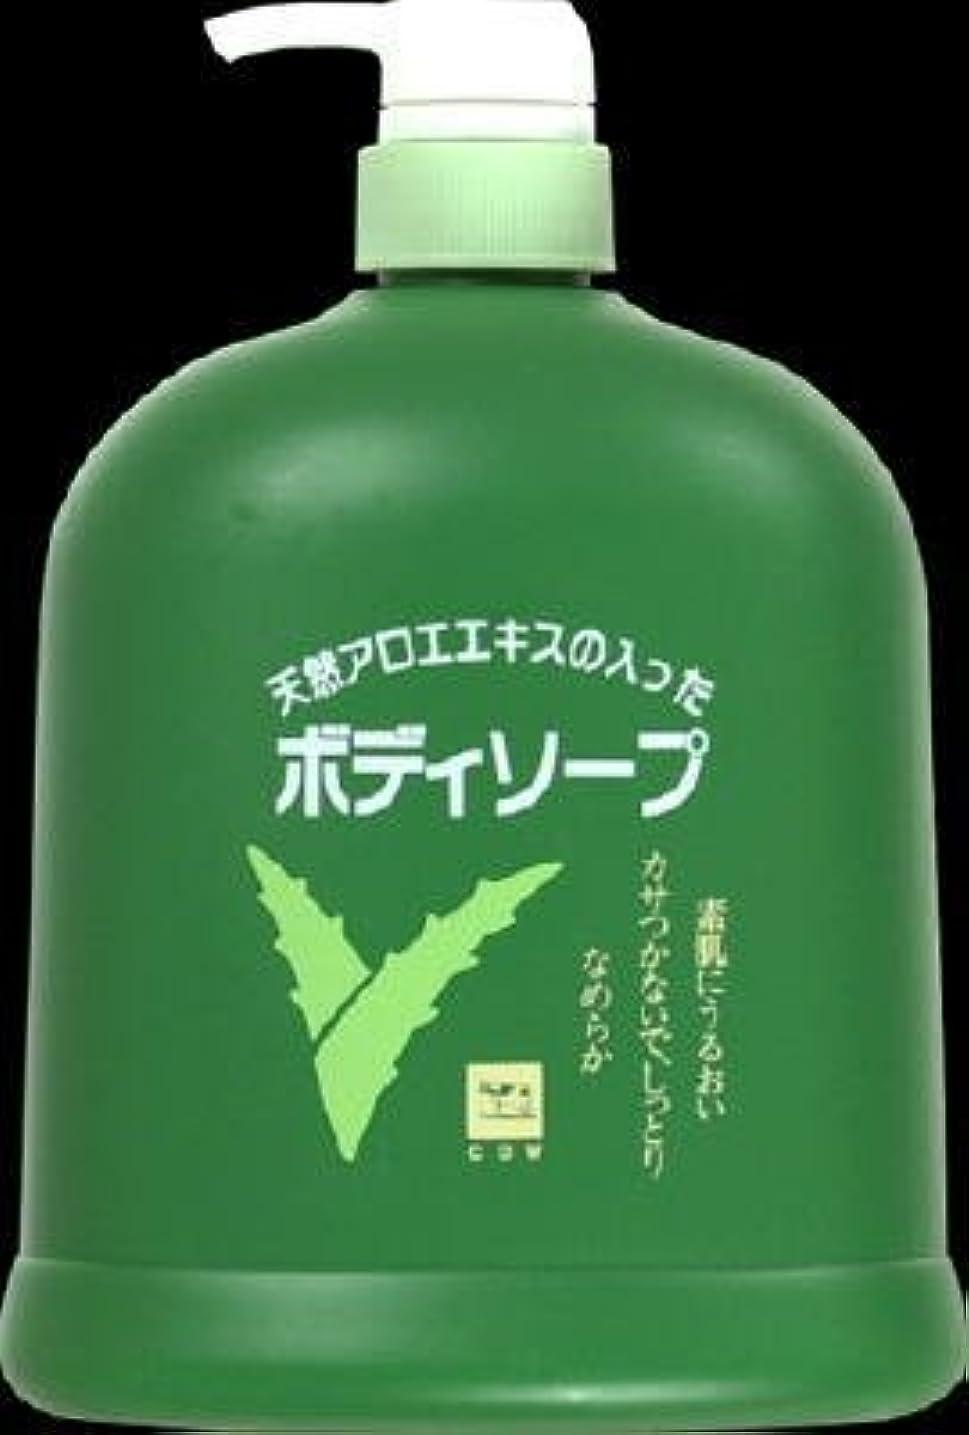 そのいつホールドオール牛乳石鹸共進社 カウブランド アロエボディソープ ポンプ 1.2L×6点セット (4901525698016)